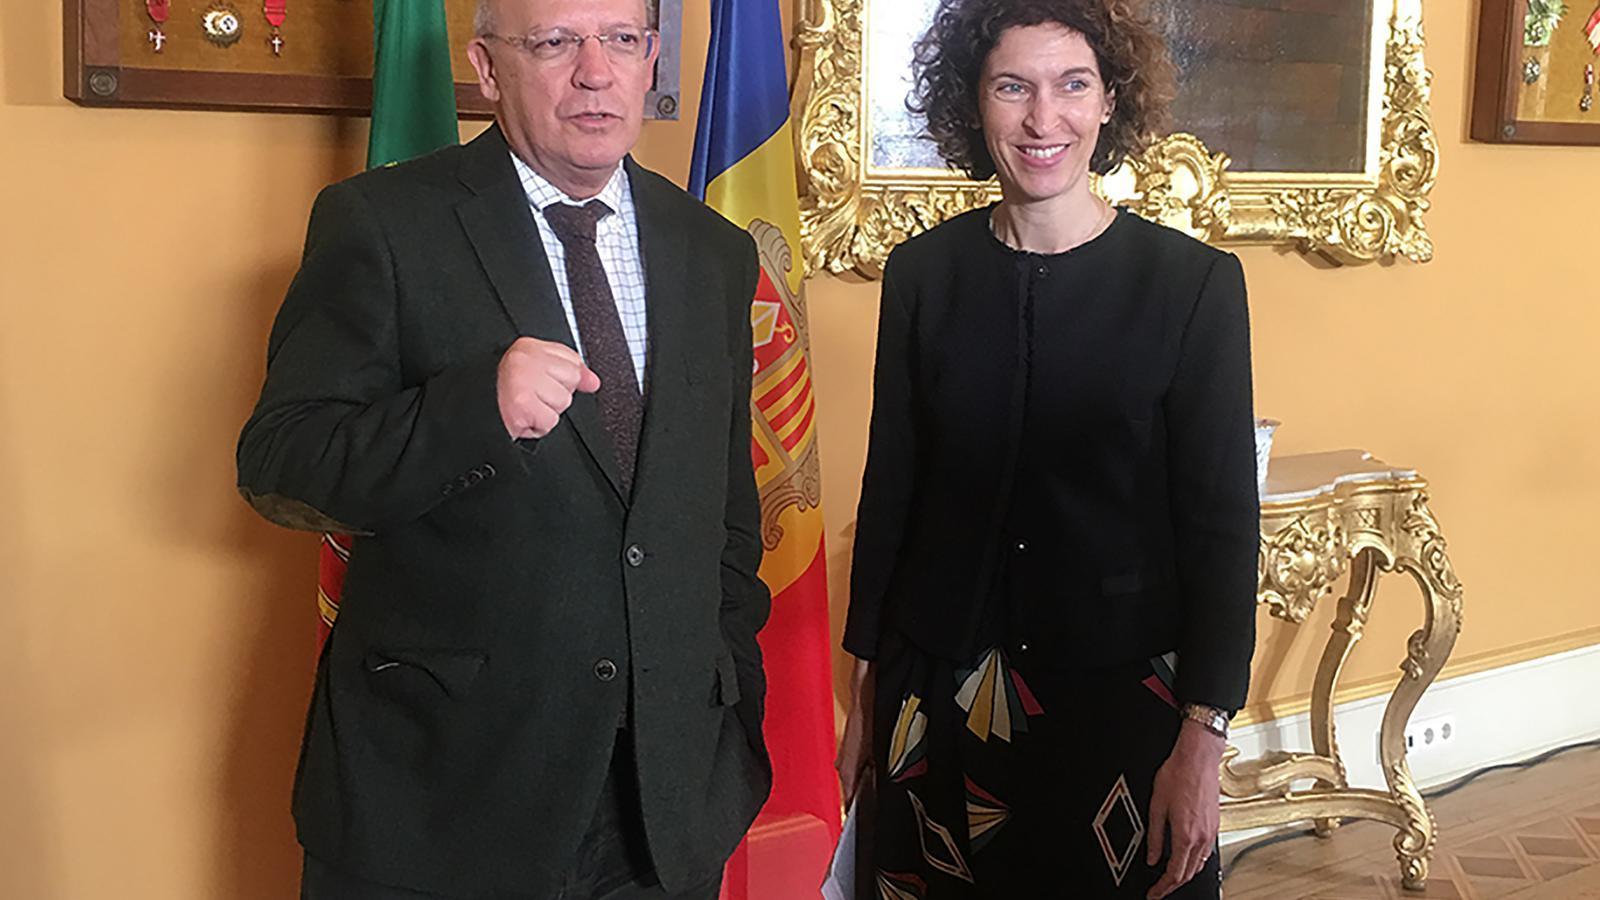 Els ministres d'Afers Exteriors de Portugal, Augusto Santos Silva, i d'Andorra, Maria Ubach. / SFG